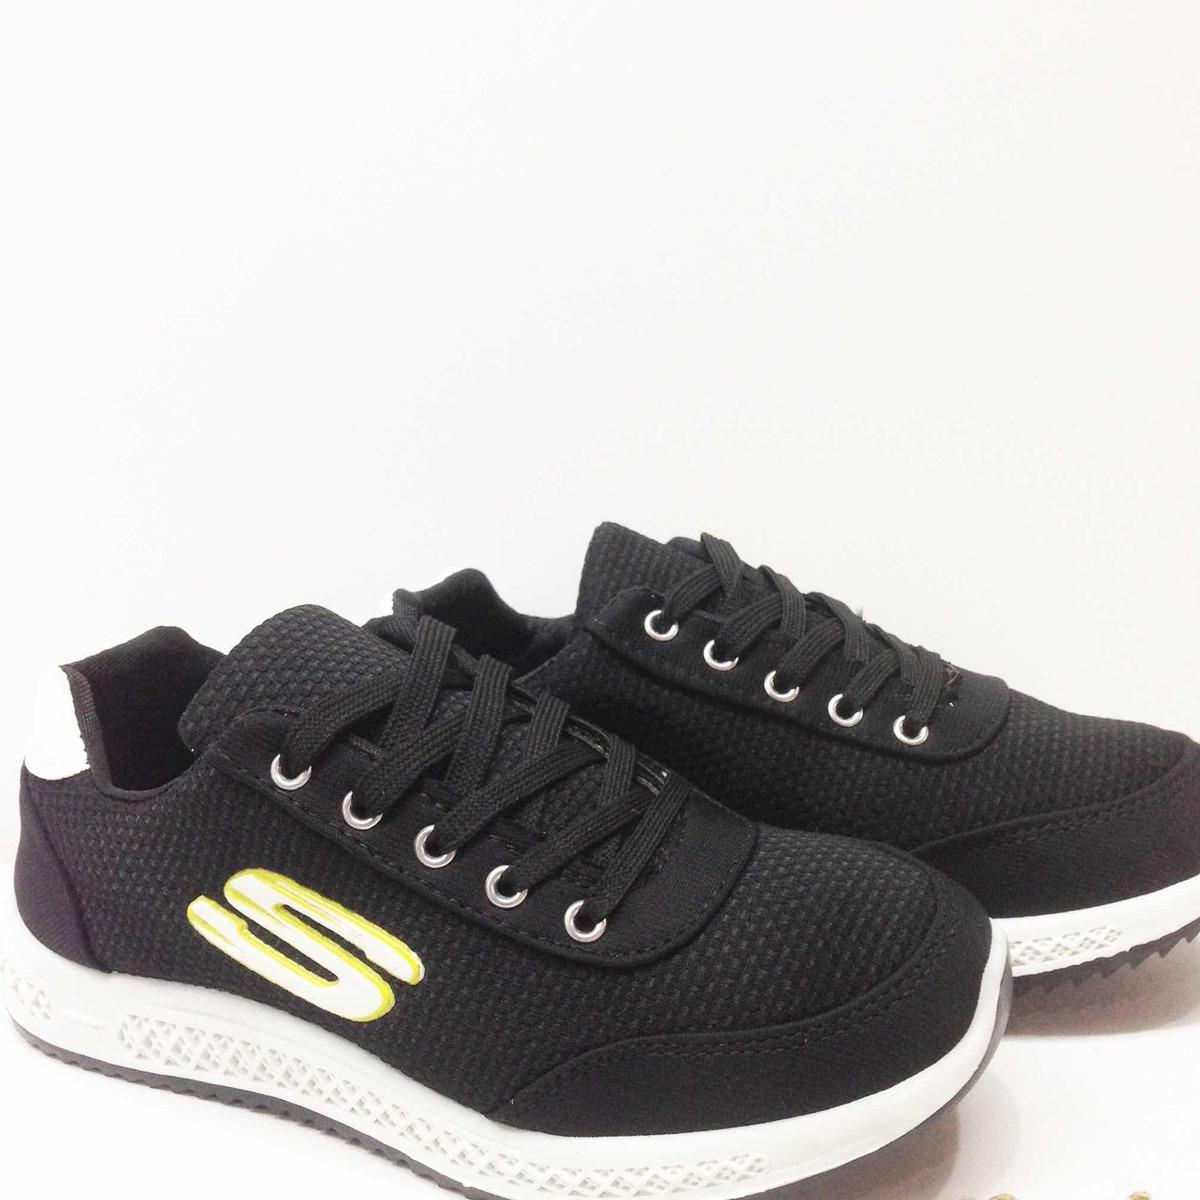 Zapatos Skechers Fashion Imitacion Hi Bingo Dama Zoom XOiZwPkuT